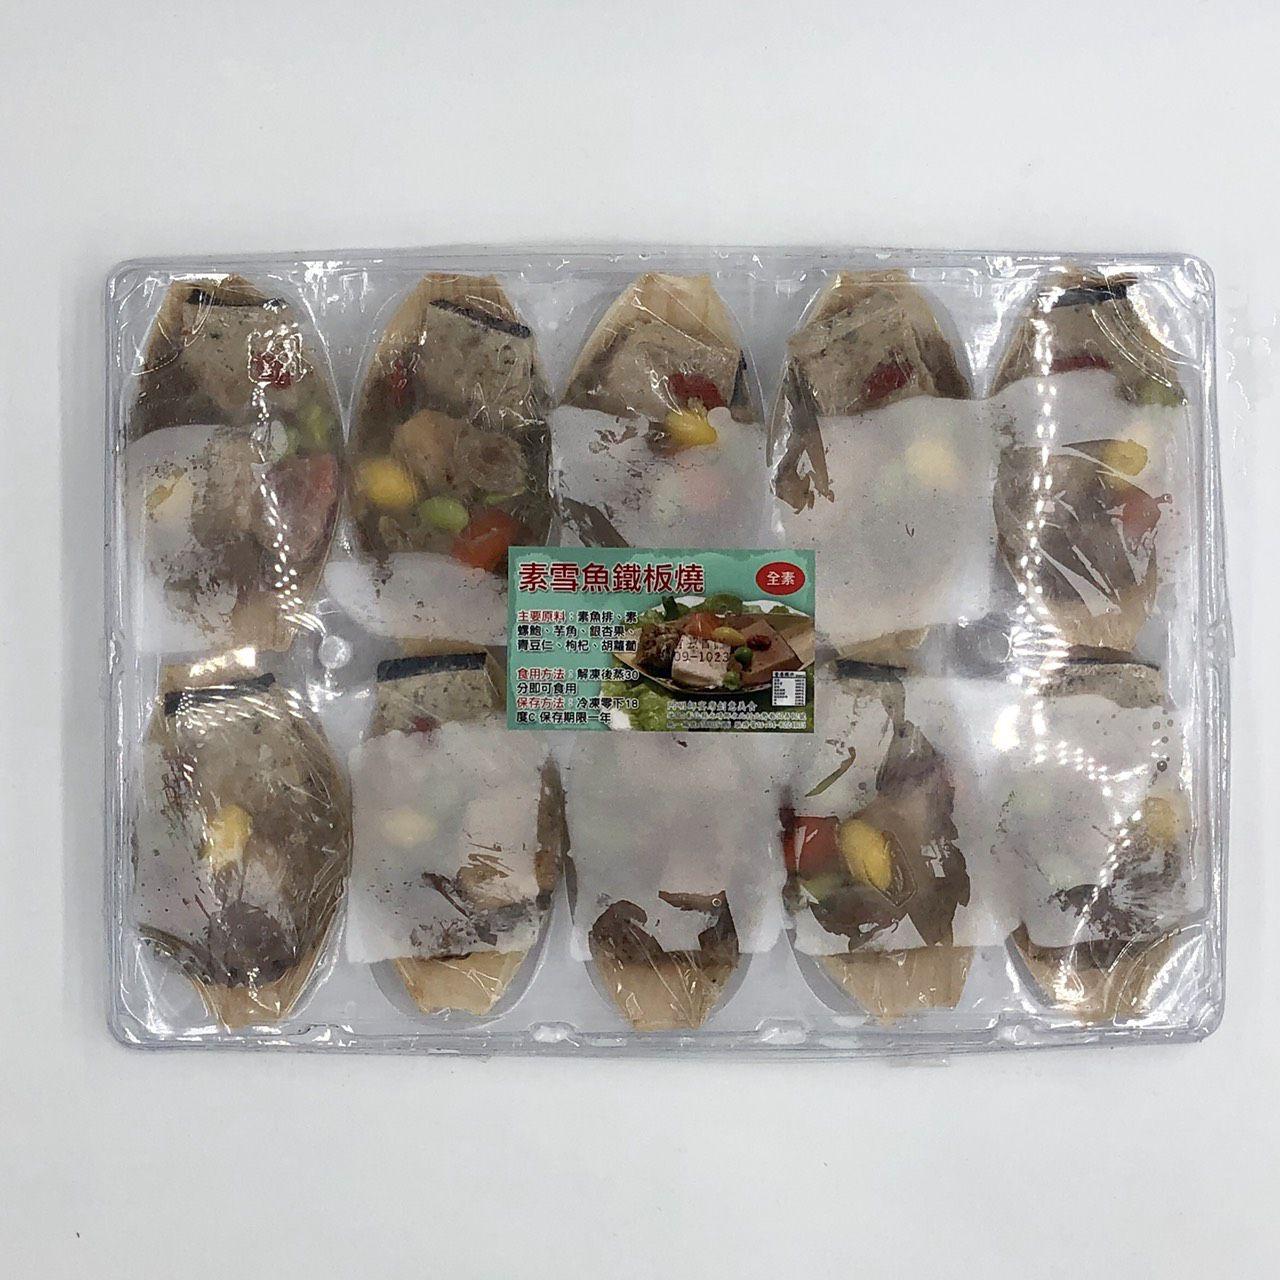 (丸明行)鱈魚鐵板燒/10入(全素)